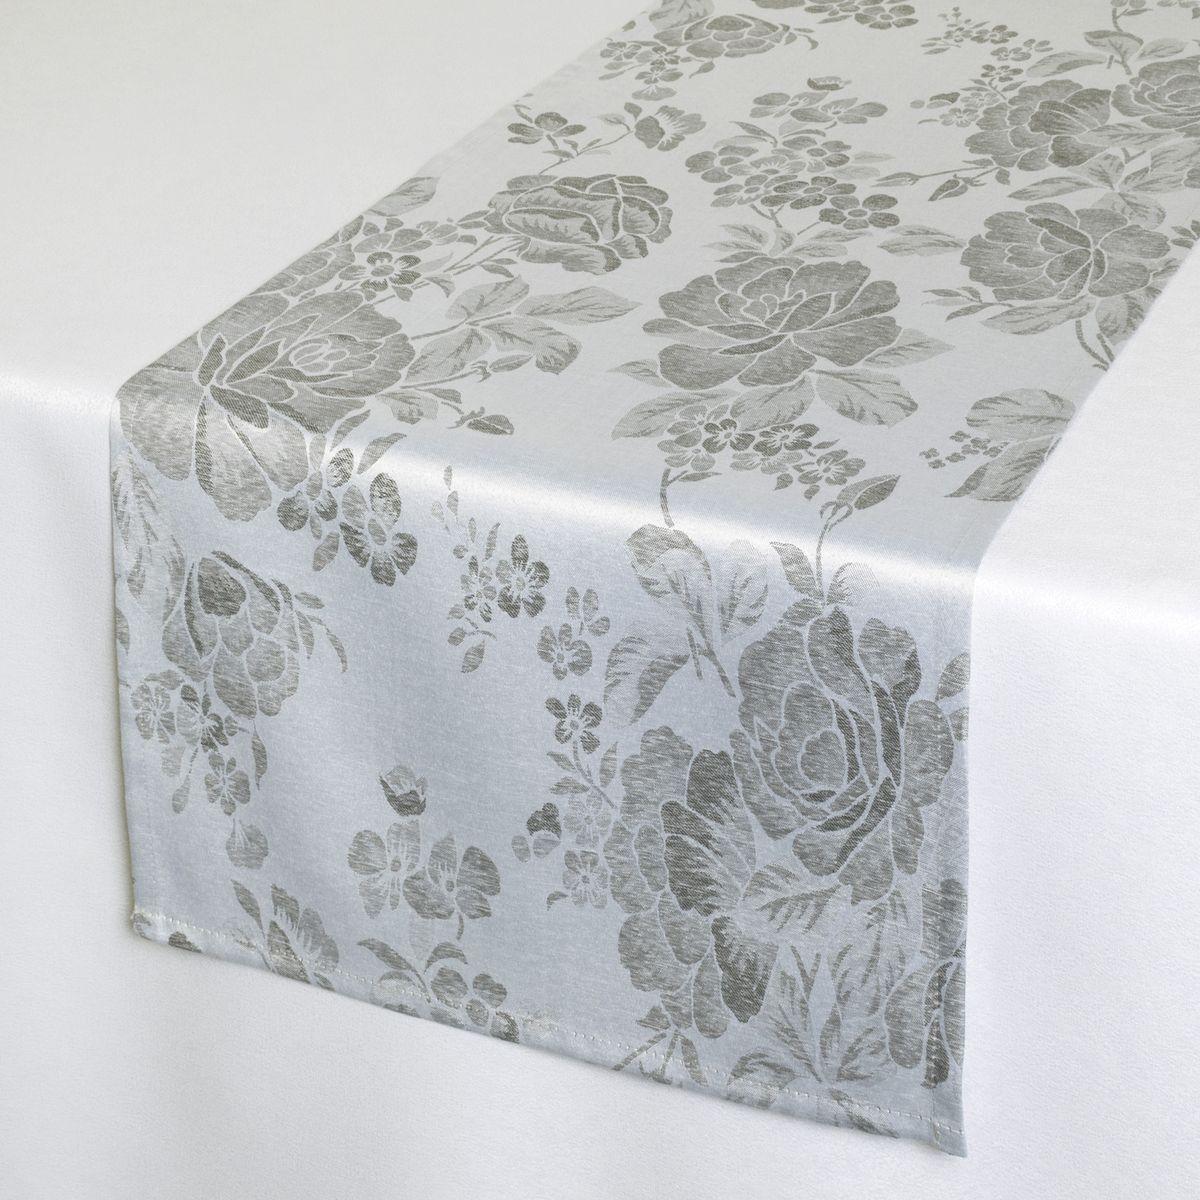 Дорожка для декорирования стола Schaefer, 40 х 140 см. 07838-21107838-211Дорожка для декорирования стола Schaefer может быть использована, как основной элемент, так и дополнение для создания уюта и романтического настроения.Дорожка выполнена из полиэстера. Изделие легко стирать: оно не мнется, не садится и быстро сохнет, более долговечно, чем изделие из натуральных волокон.Материал: 100% полиэстер.Размер: 40 х 140 см.